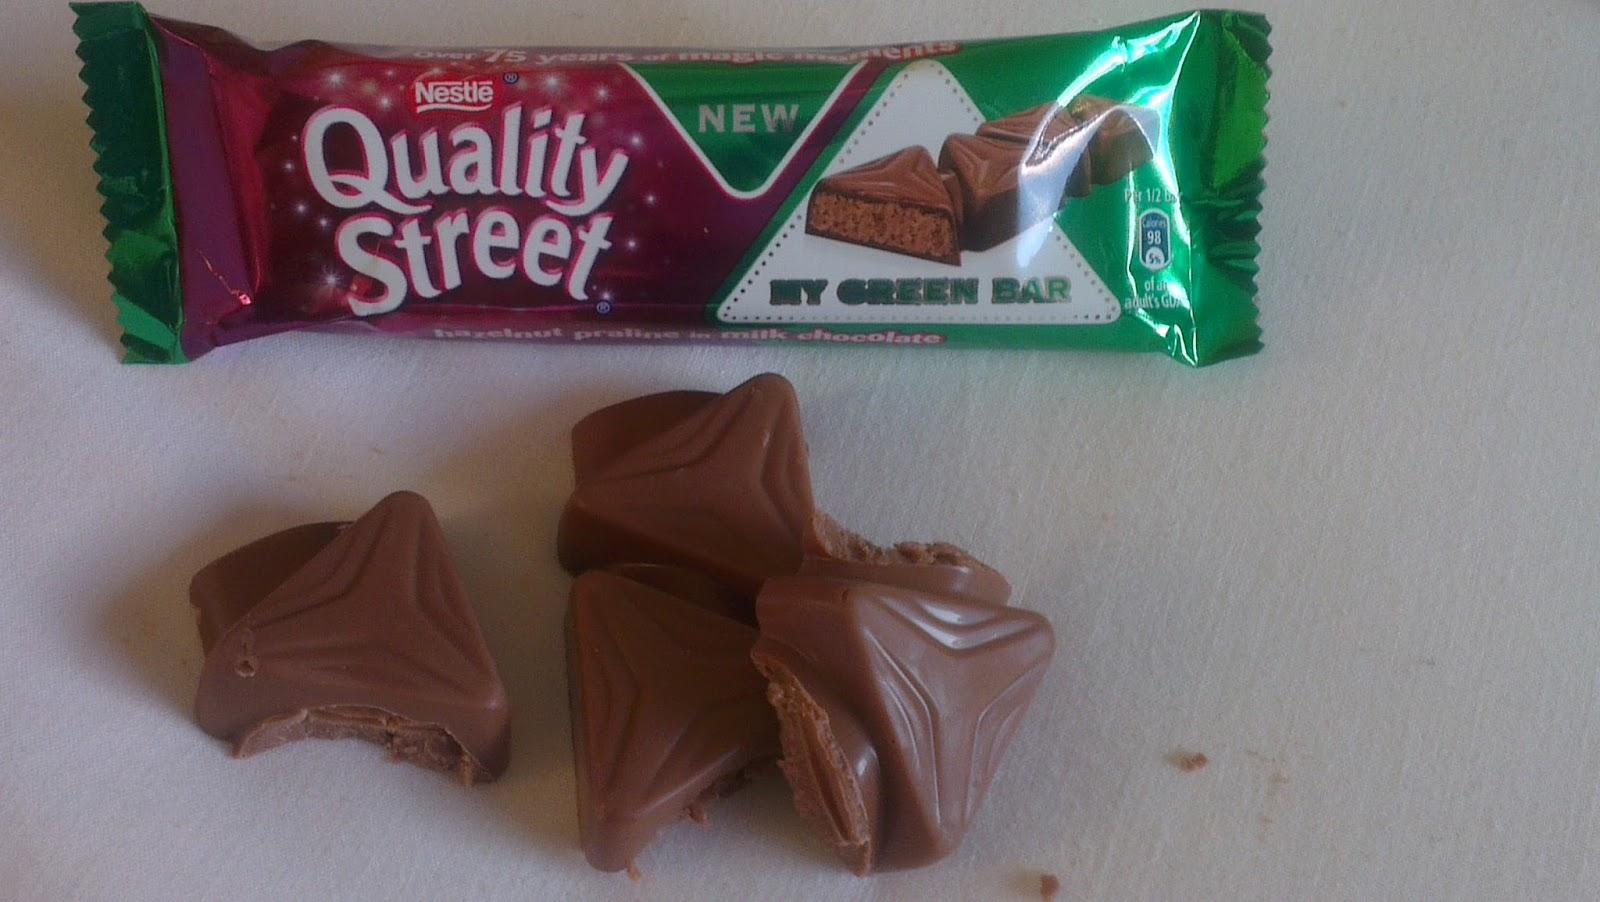 Kev's Snack Reviews: Nestlé Quality Street My Green Triangle Bar